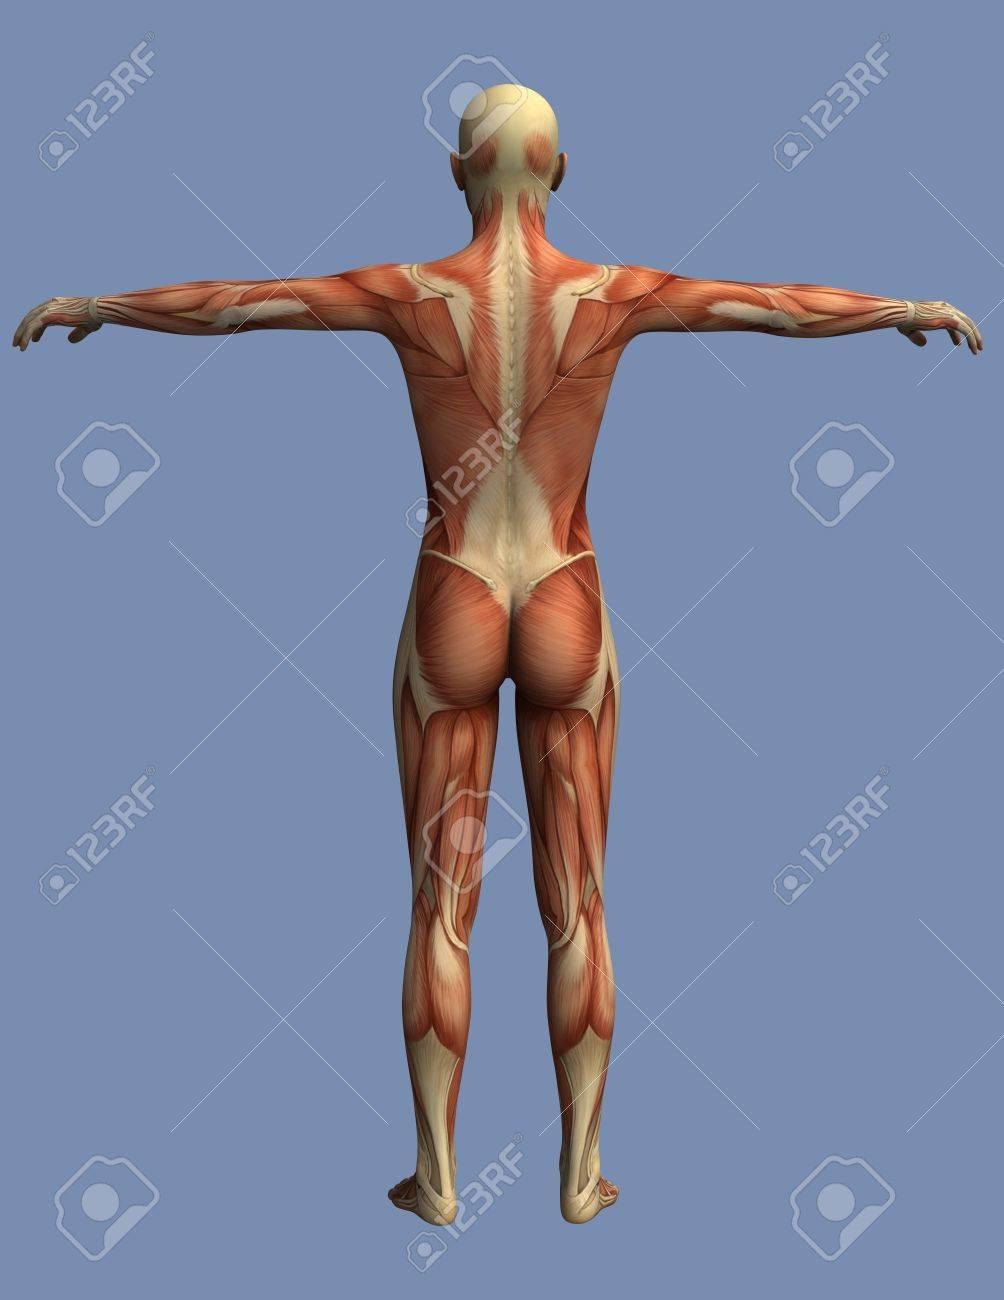 Músculos Del Cuerpo Humano Visto Desde Atrás, Un Hombre De Pie Con ...